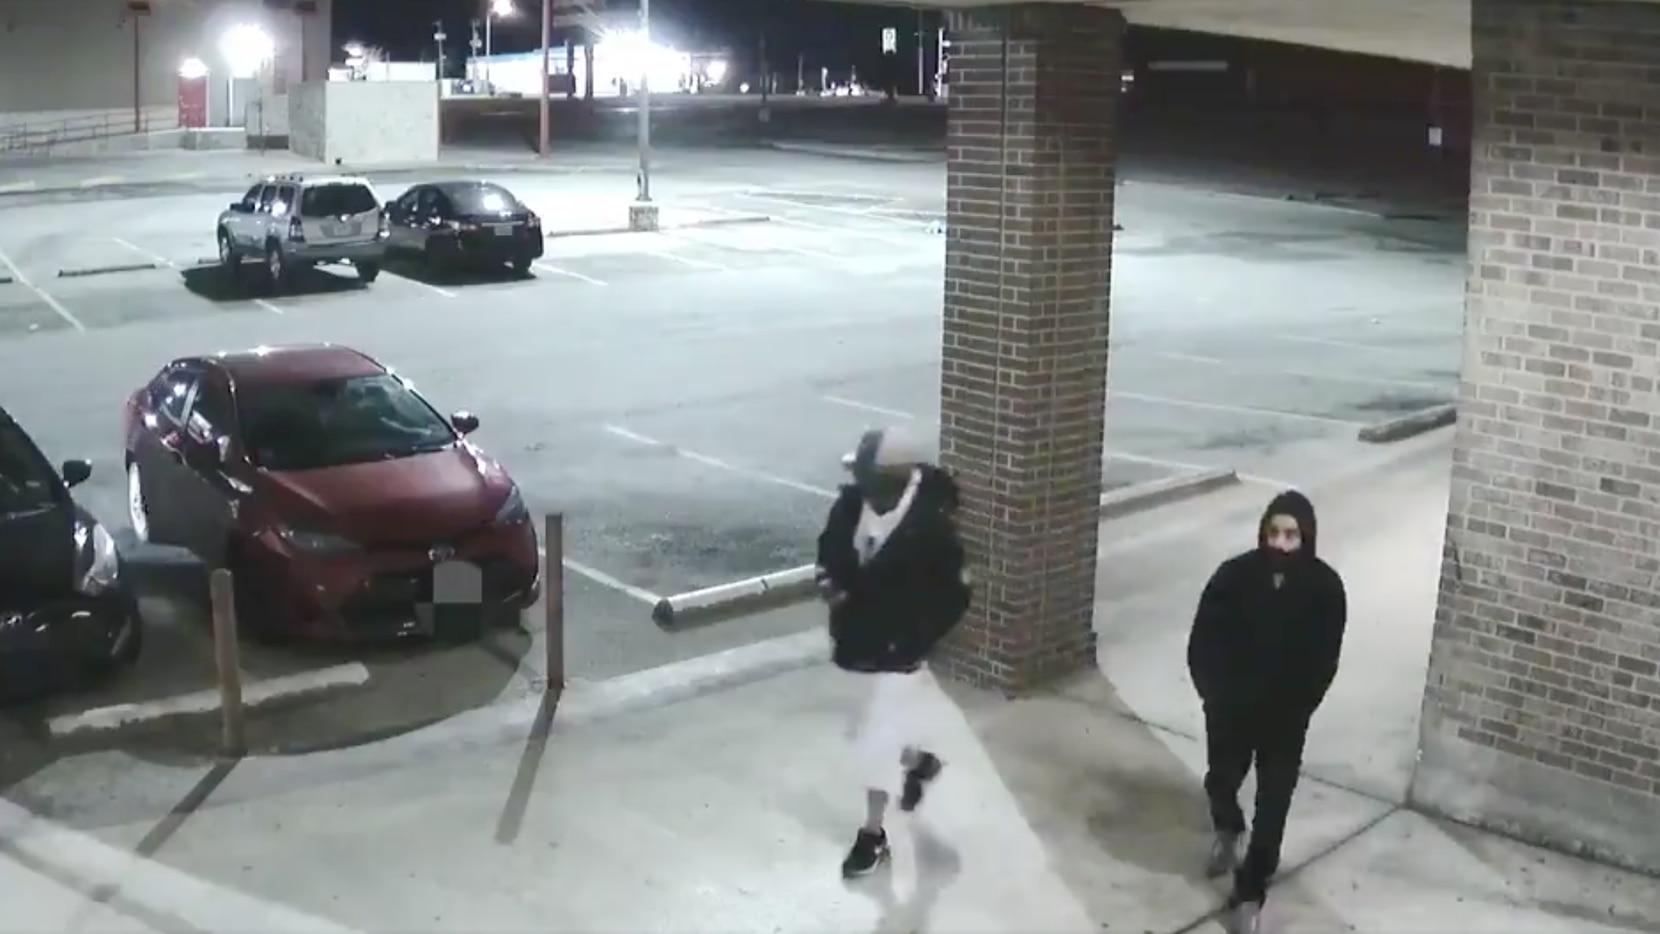 El Departamento de la Policía de Fort Worth reveló imágenes de los dos sospechosos de asaltar y matar a un hombre en una tienda de entretenimiento la semana pasada en el 3800 de Altamesa Boulevard.